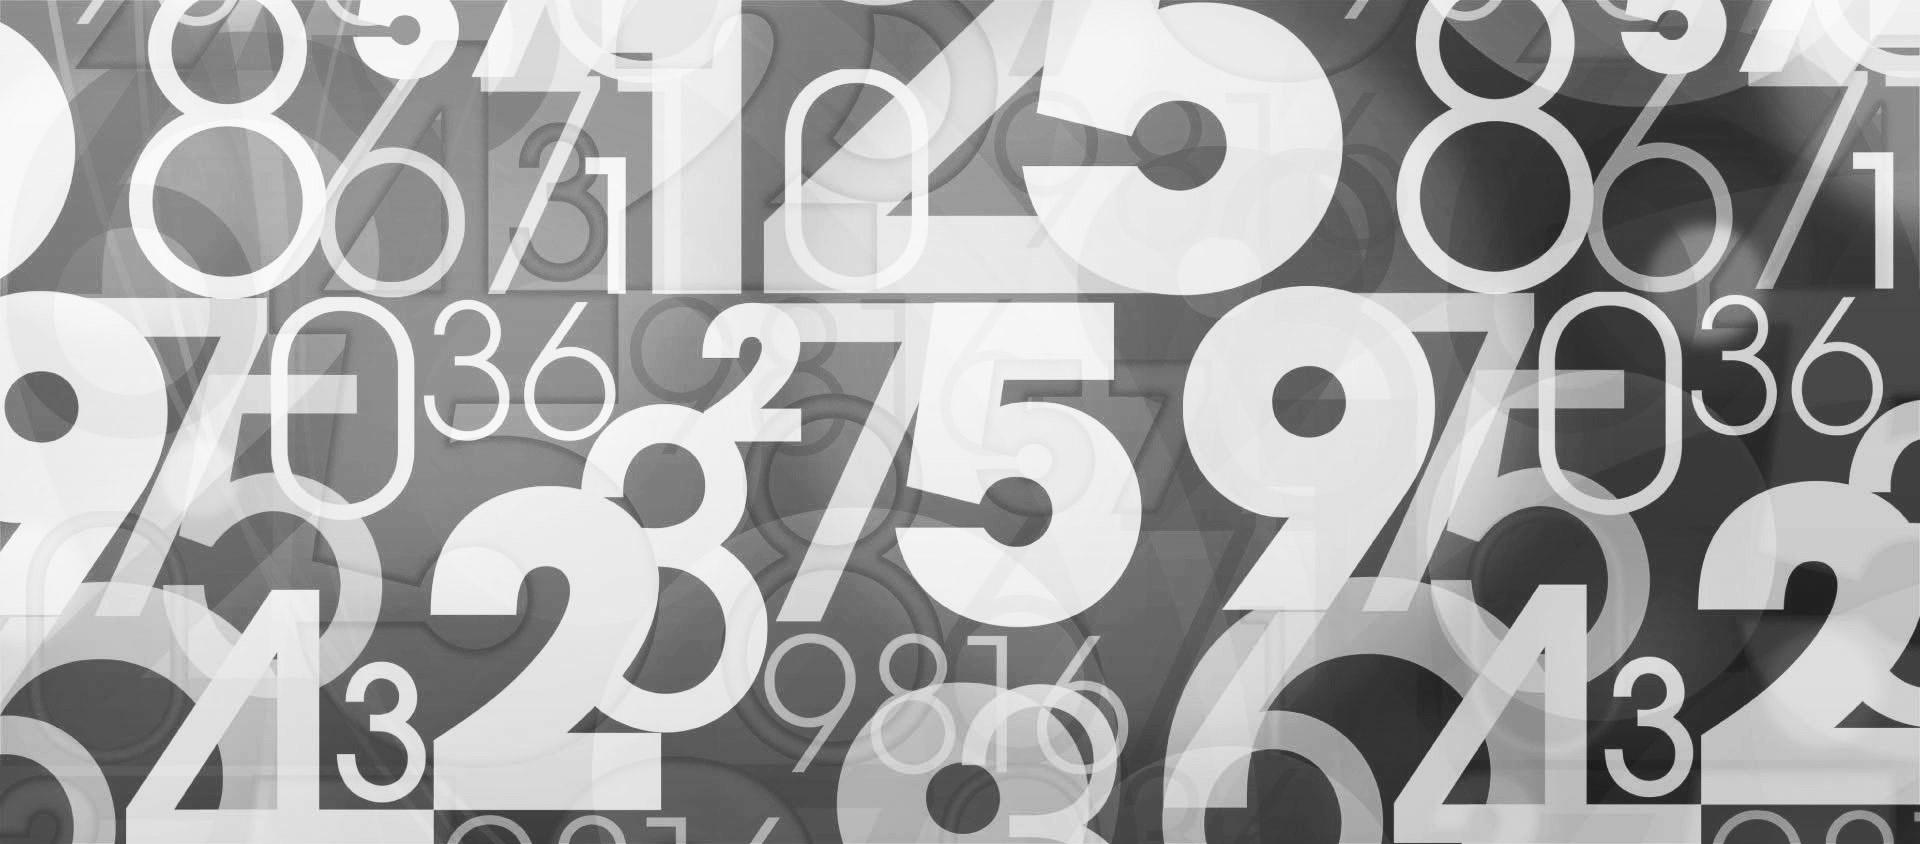 Planos de saúde: Dados de março confirmam crescimento